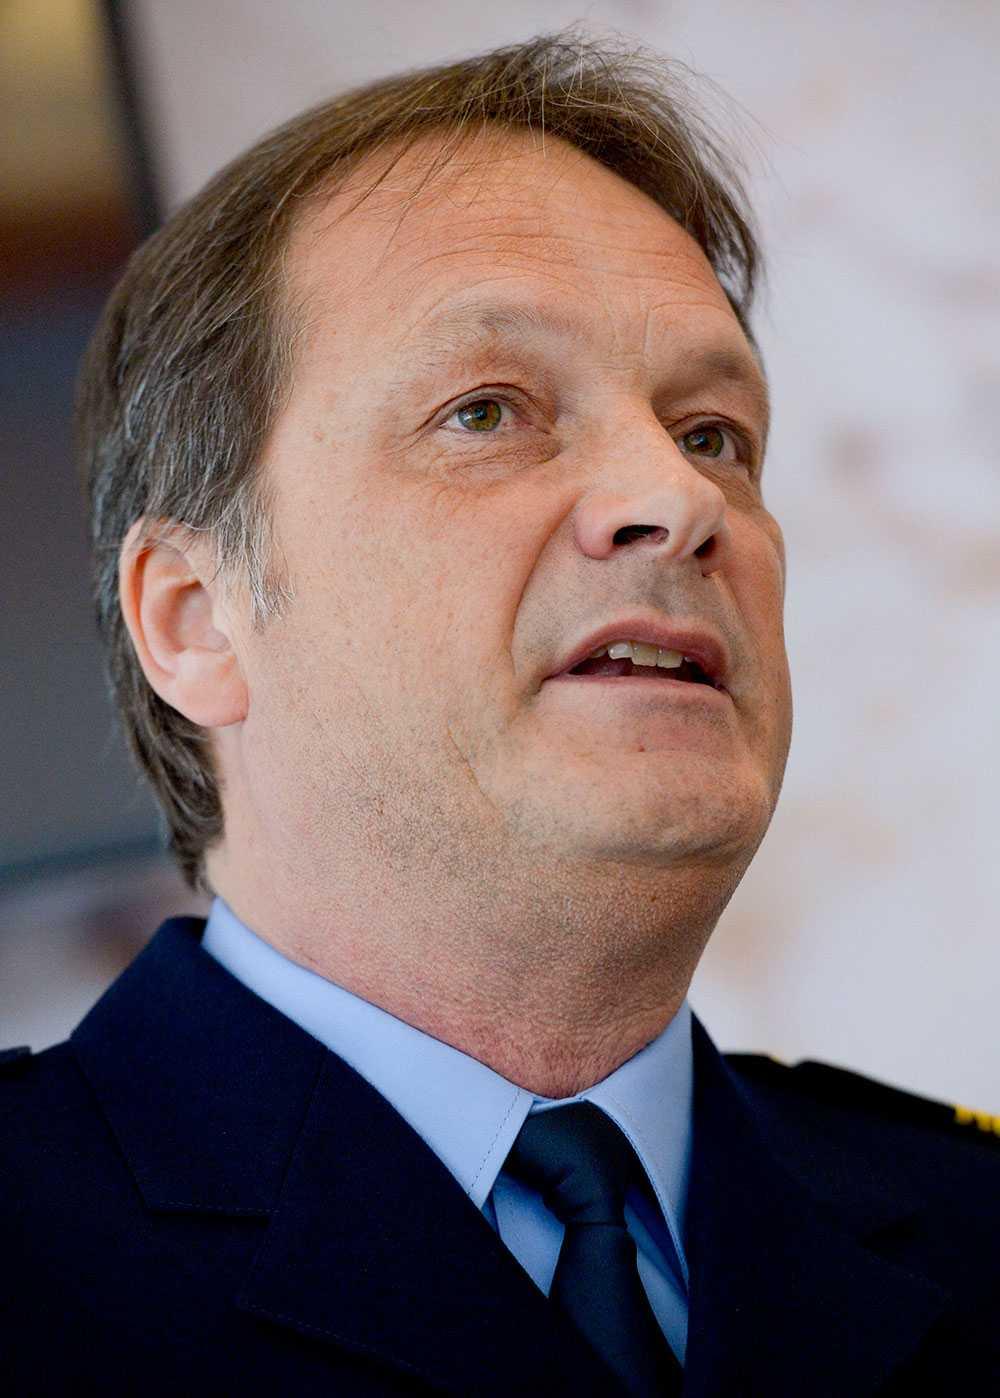 Rikspolischefen och Per Wadhed, chef för kriminalpolisenheten på Rikskriminalpolisen.